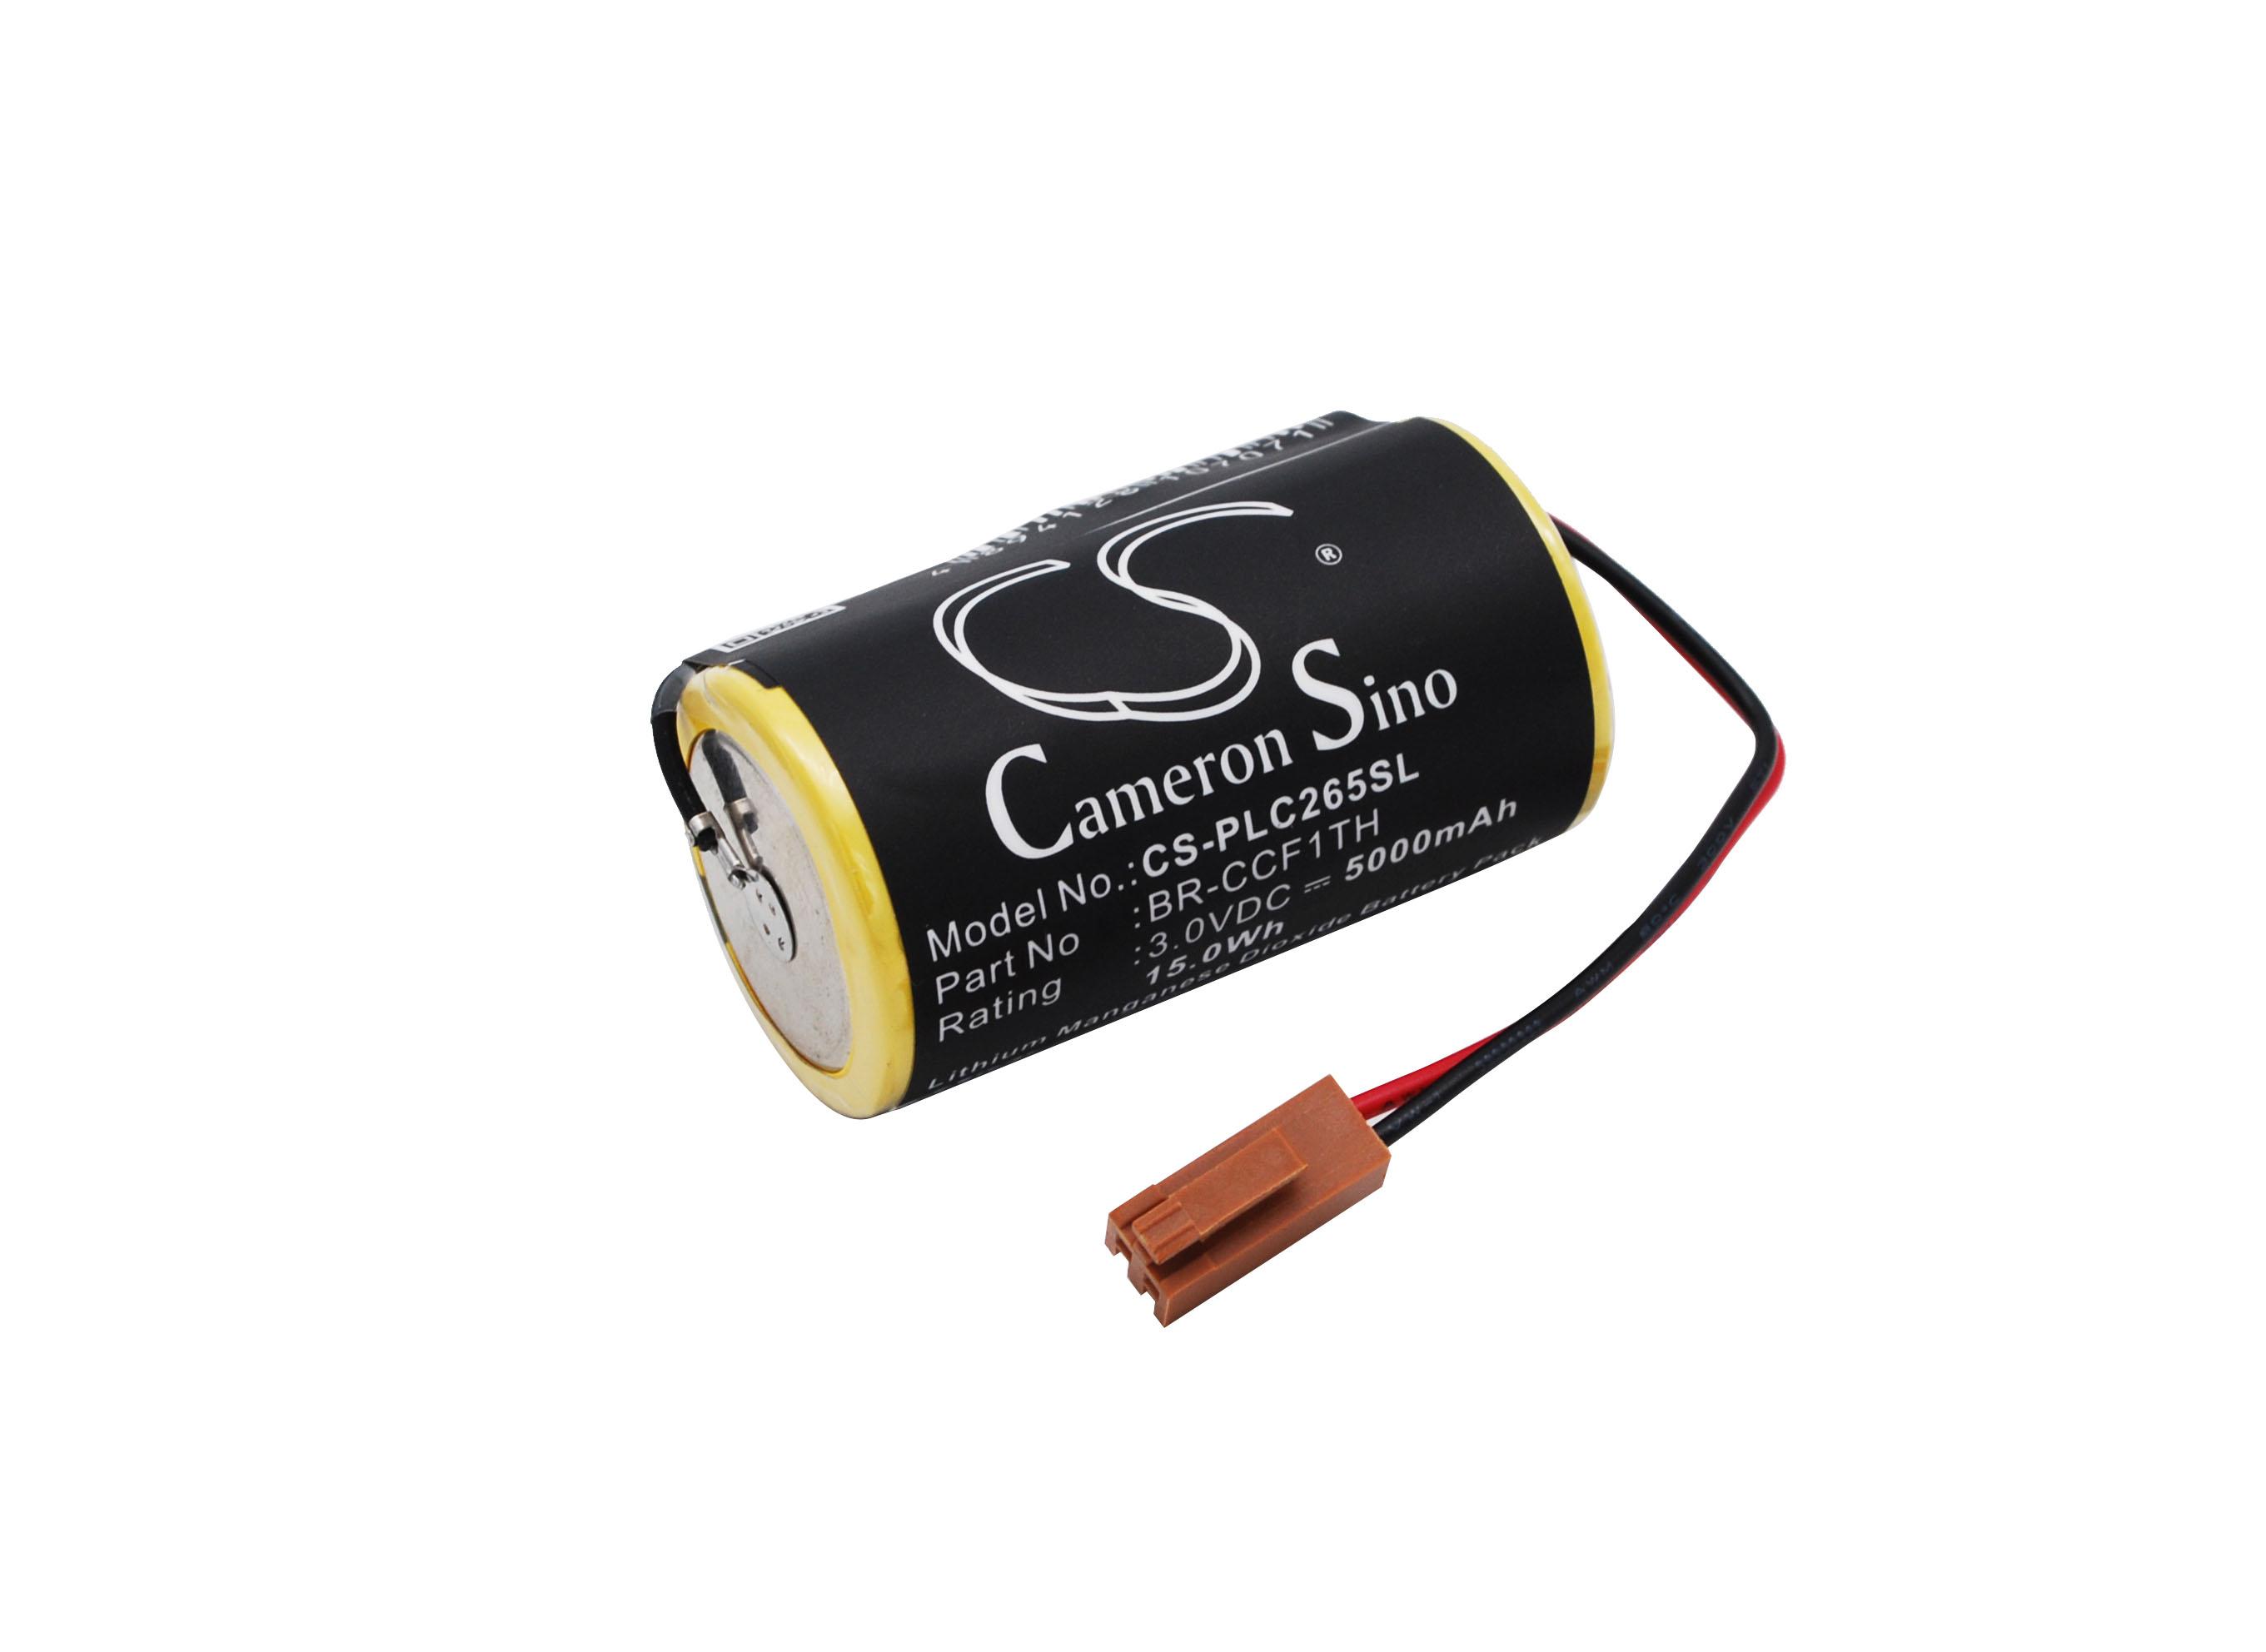 Cameron Sino baterie plc za A20B-0130-K106 3V Li-MnO2 5000mAh žlutá - neoriginální